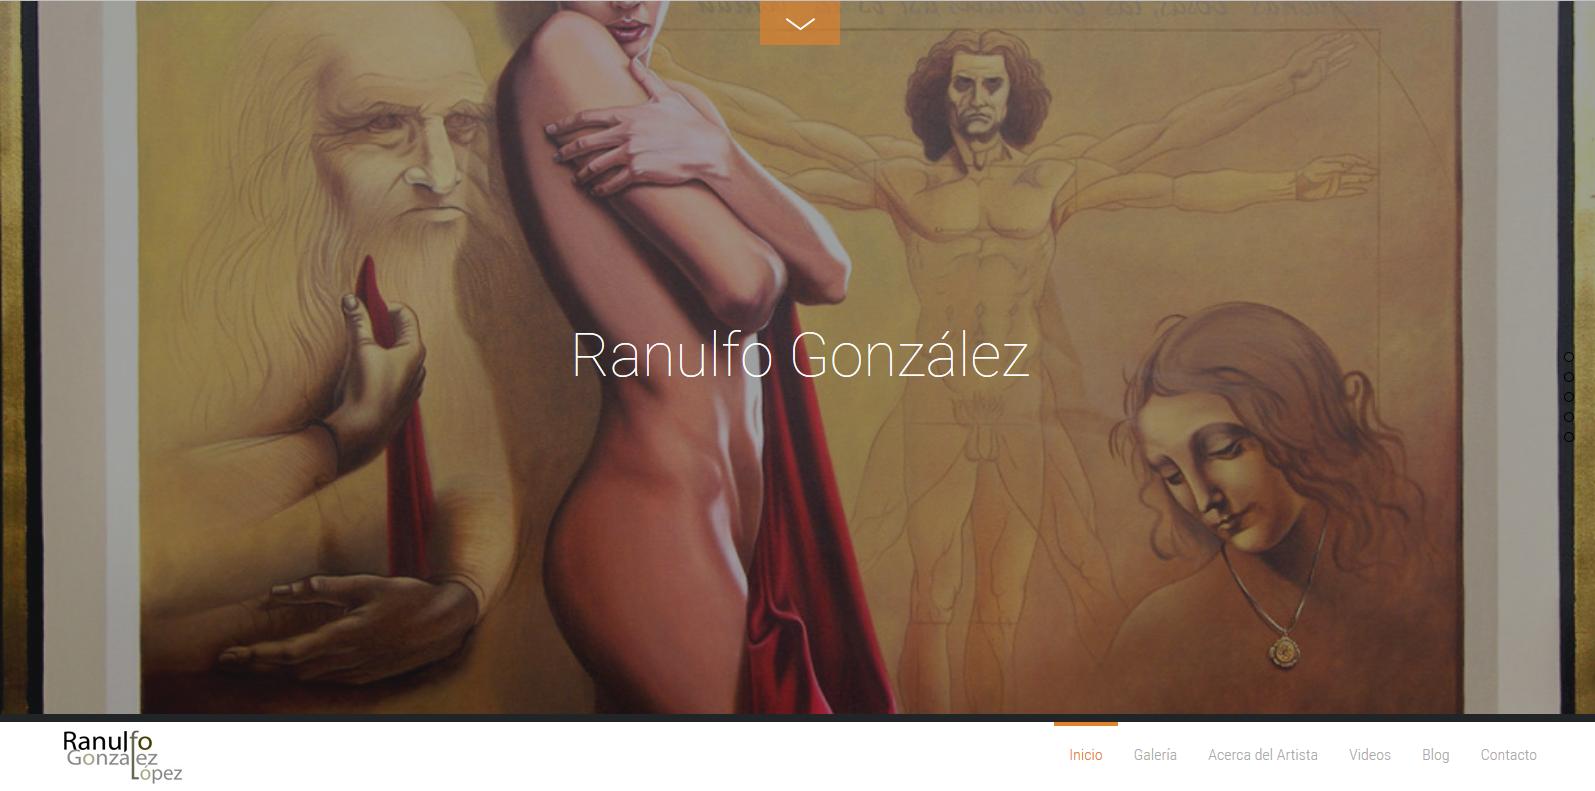 Ranulfo Gonzalez